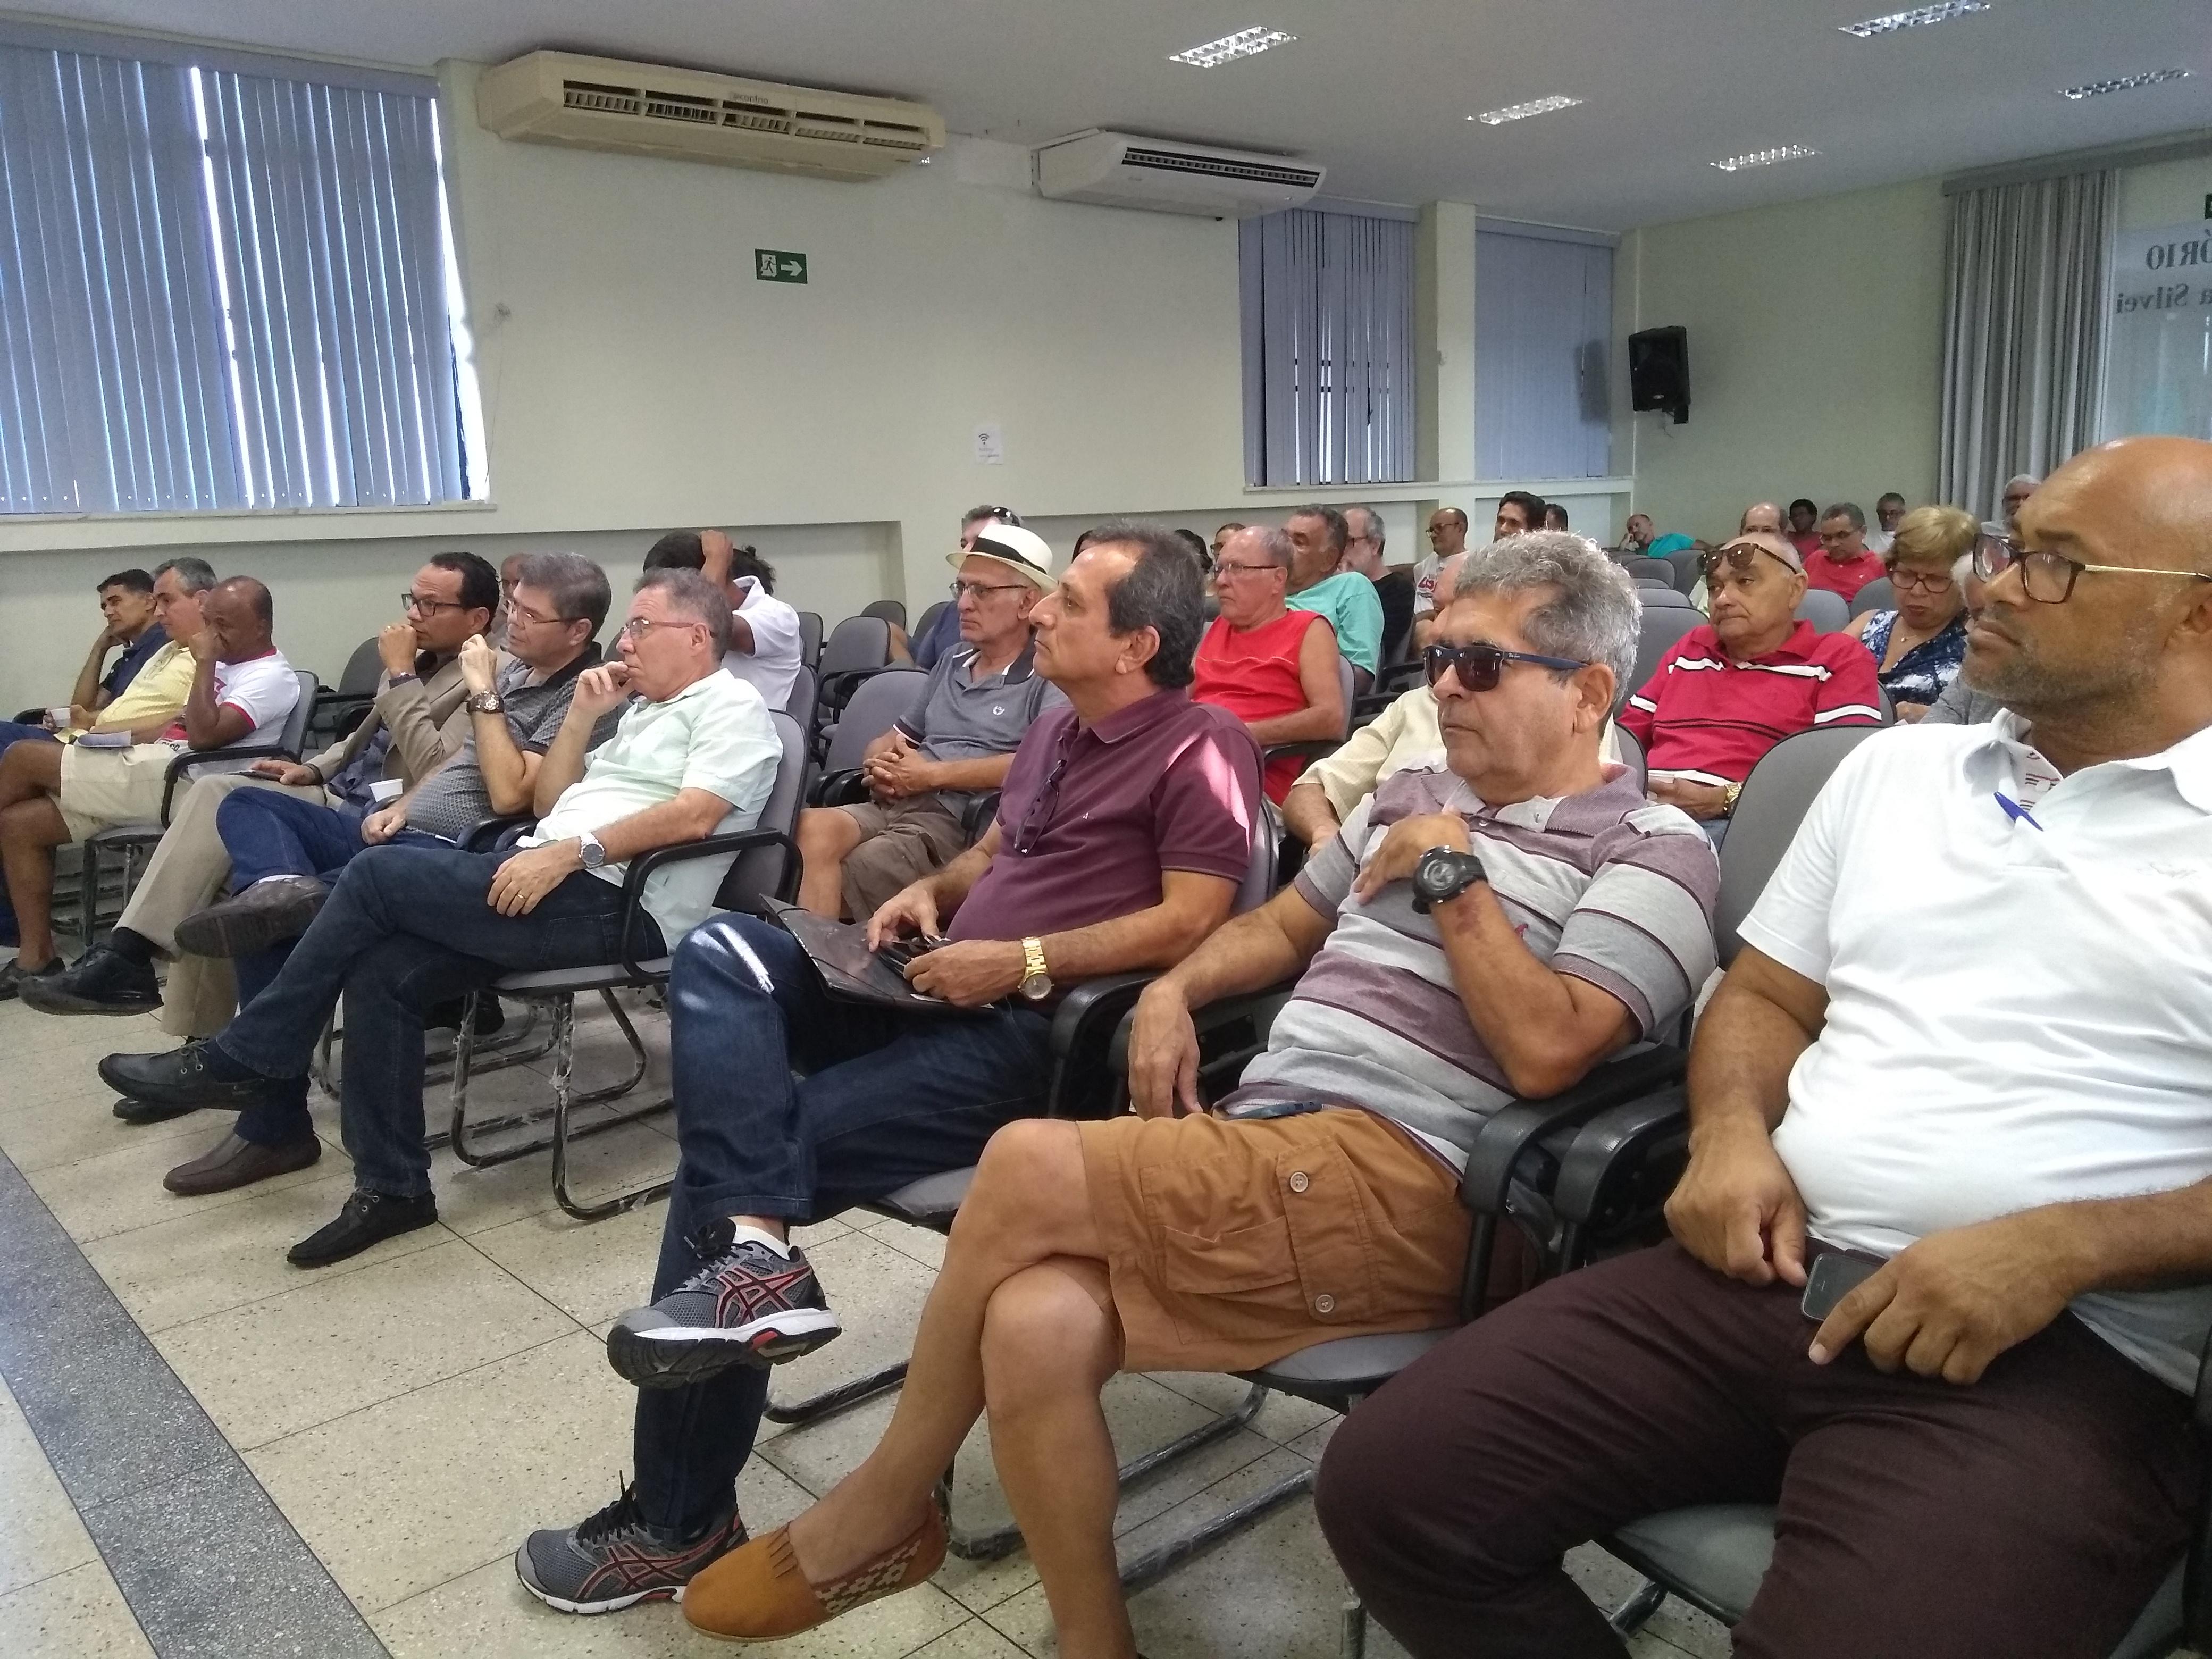 Plenaria03.jpg